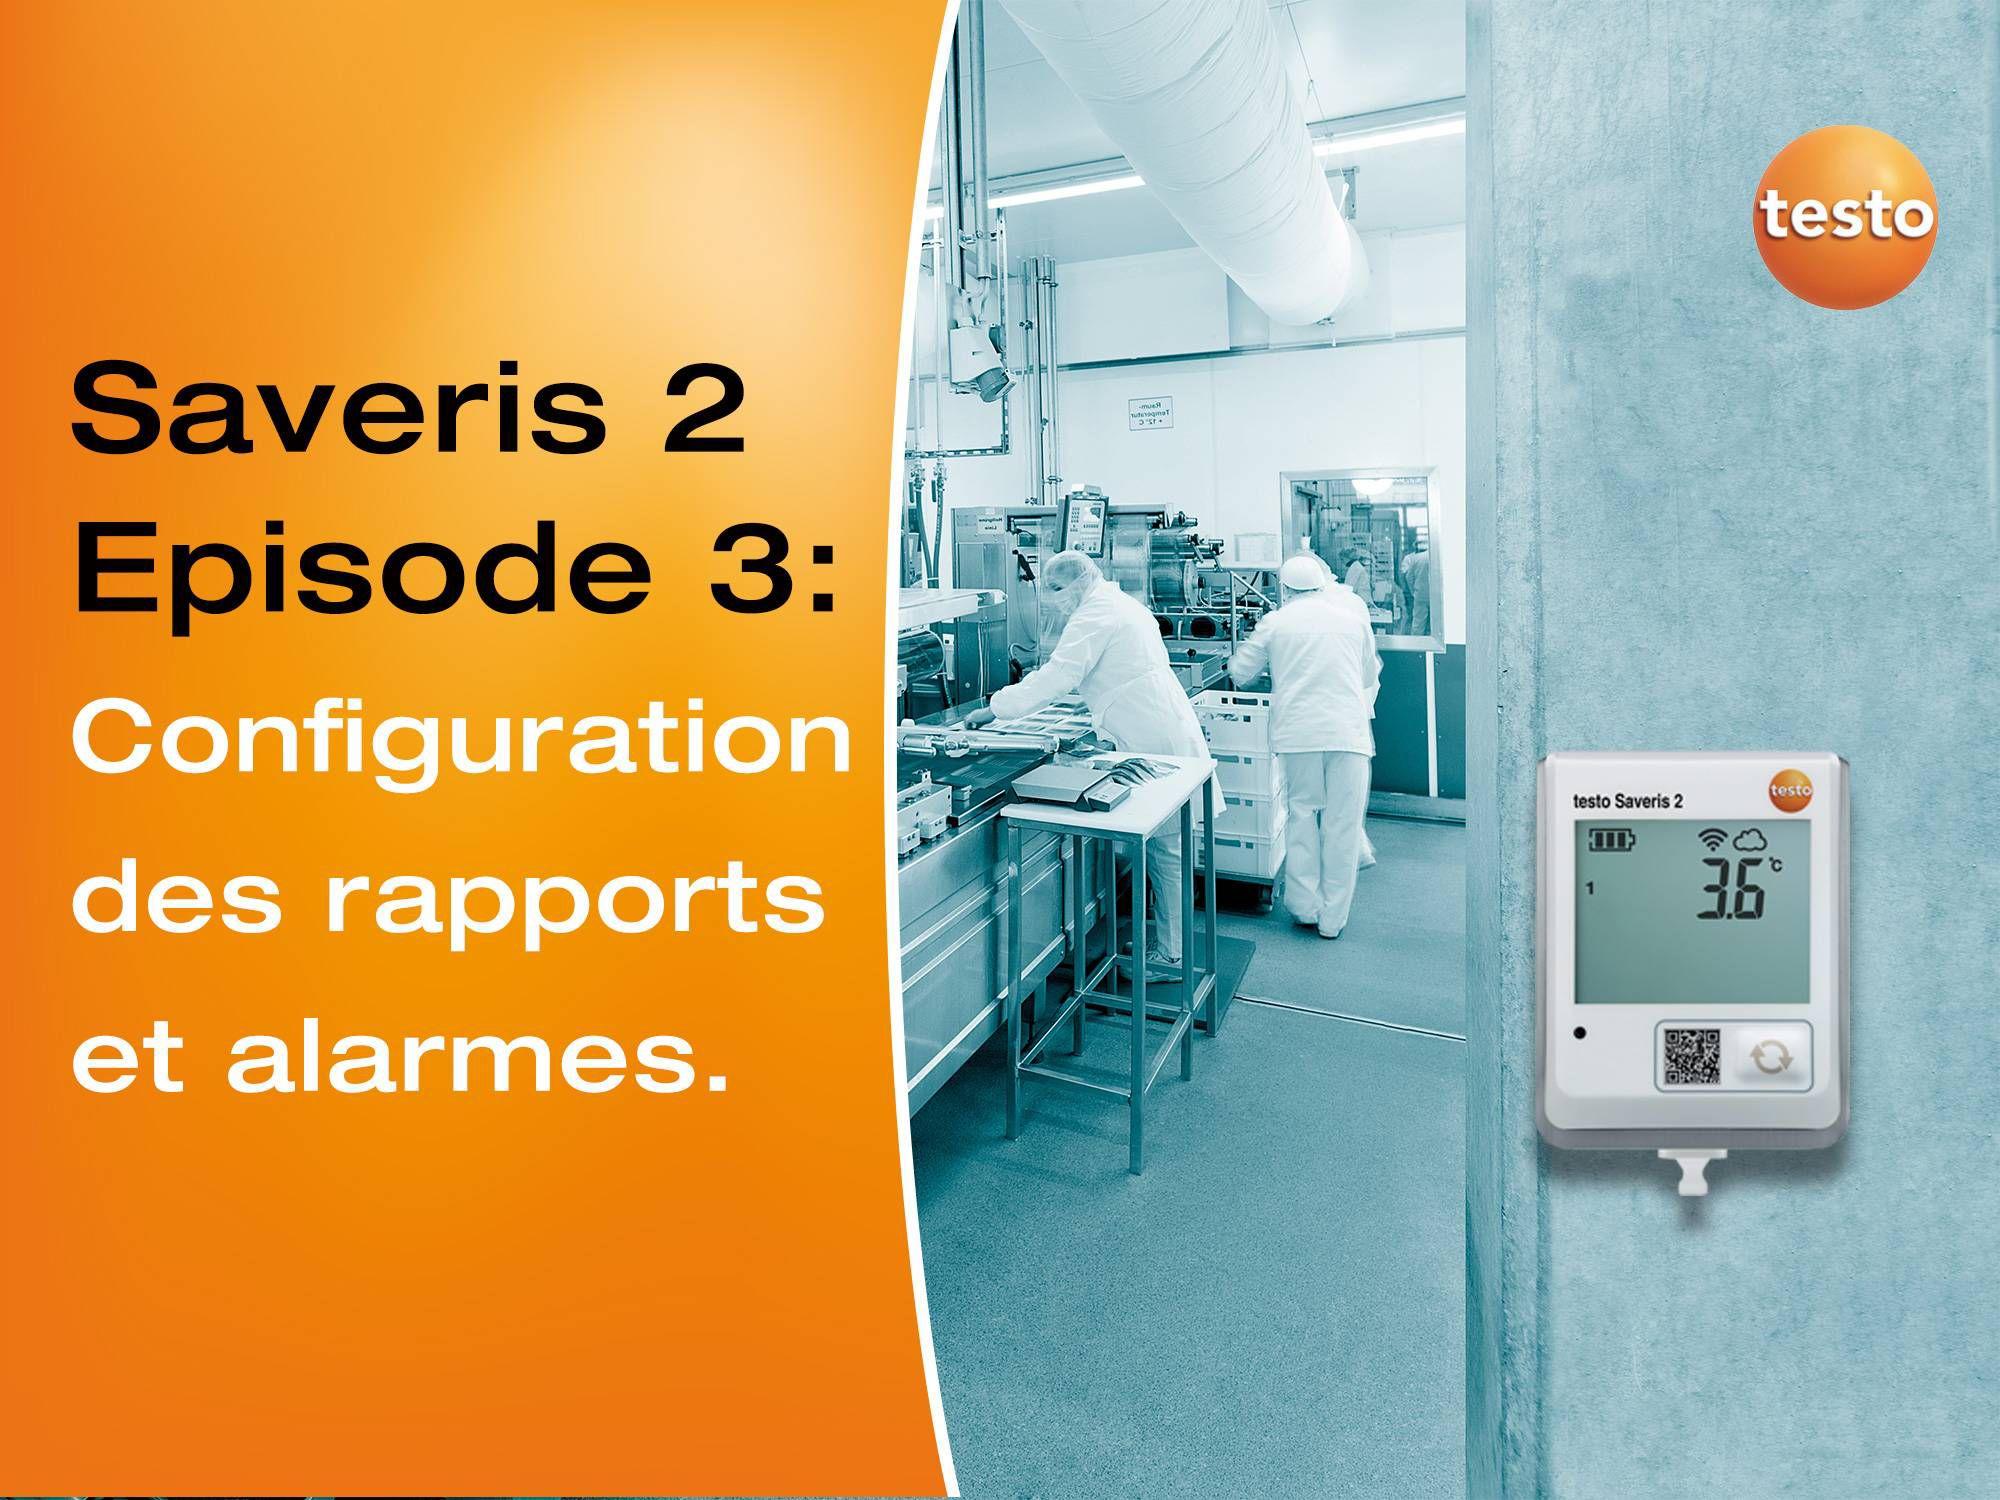 Tutoriel vidéo enregistreur WiFi testo Saveris 2 configuration des rapports et alarmes